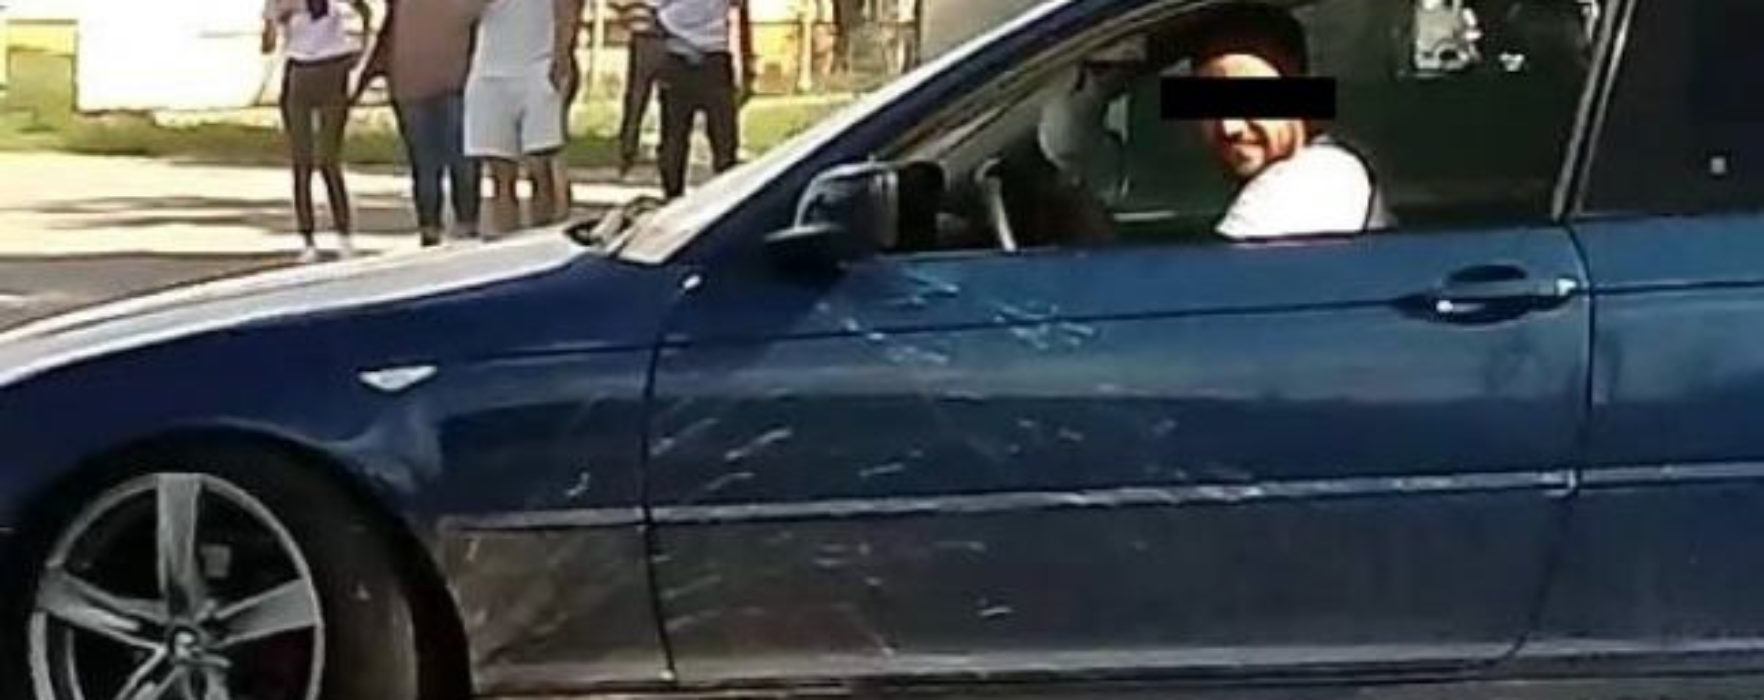 Dâmboviţa: Dosar penal pentru un tânăr care a făcut drifturi pe un drum public în Mătăsaru